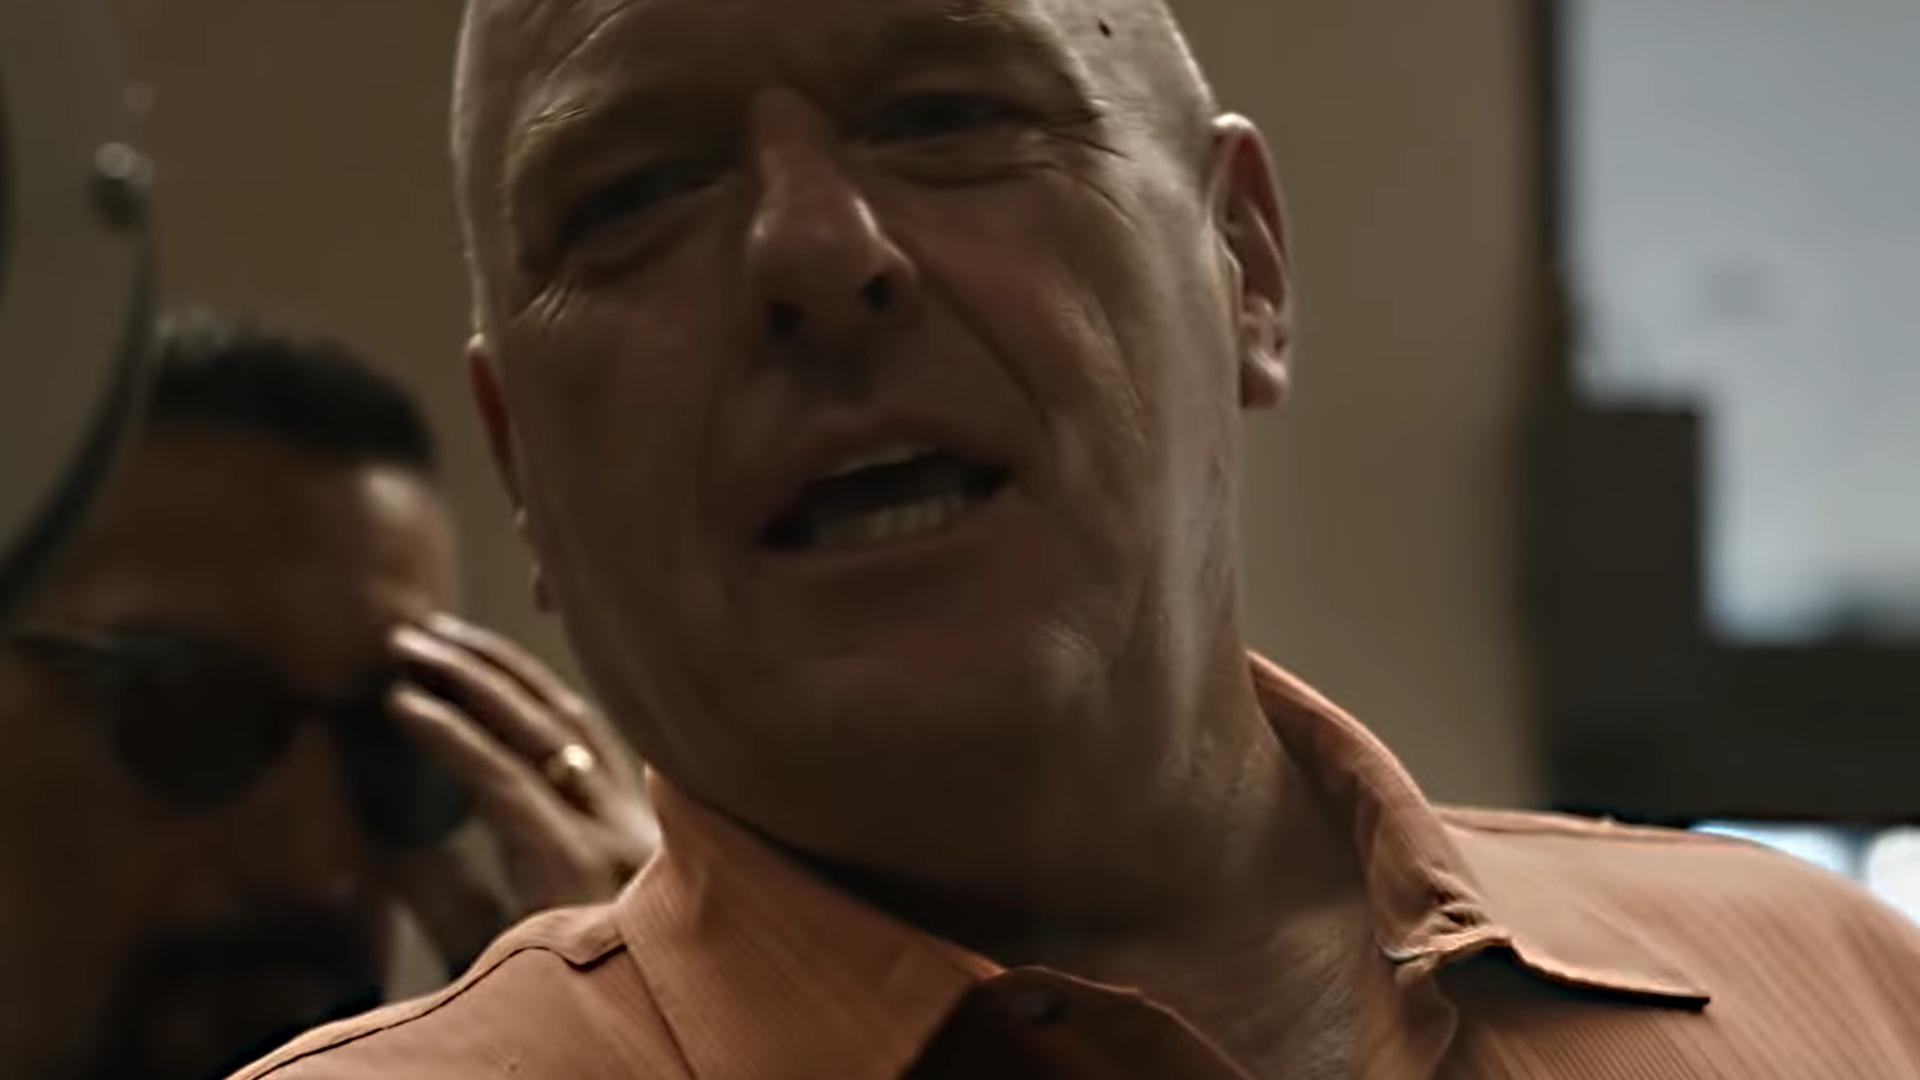 Dean Norris, Better Call Saul